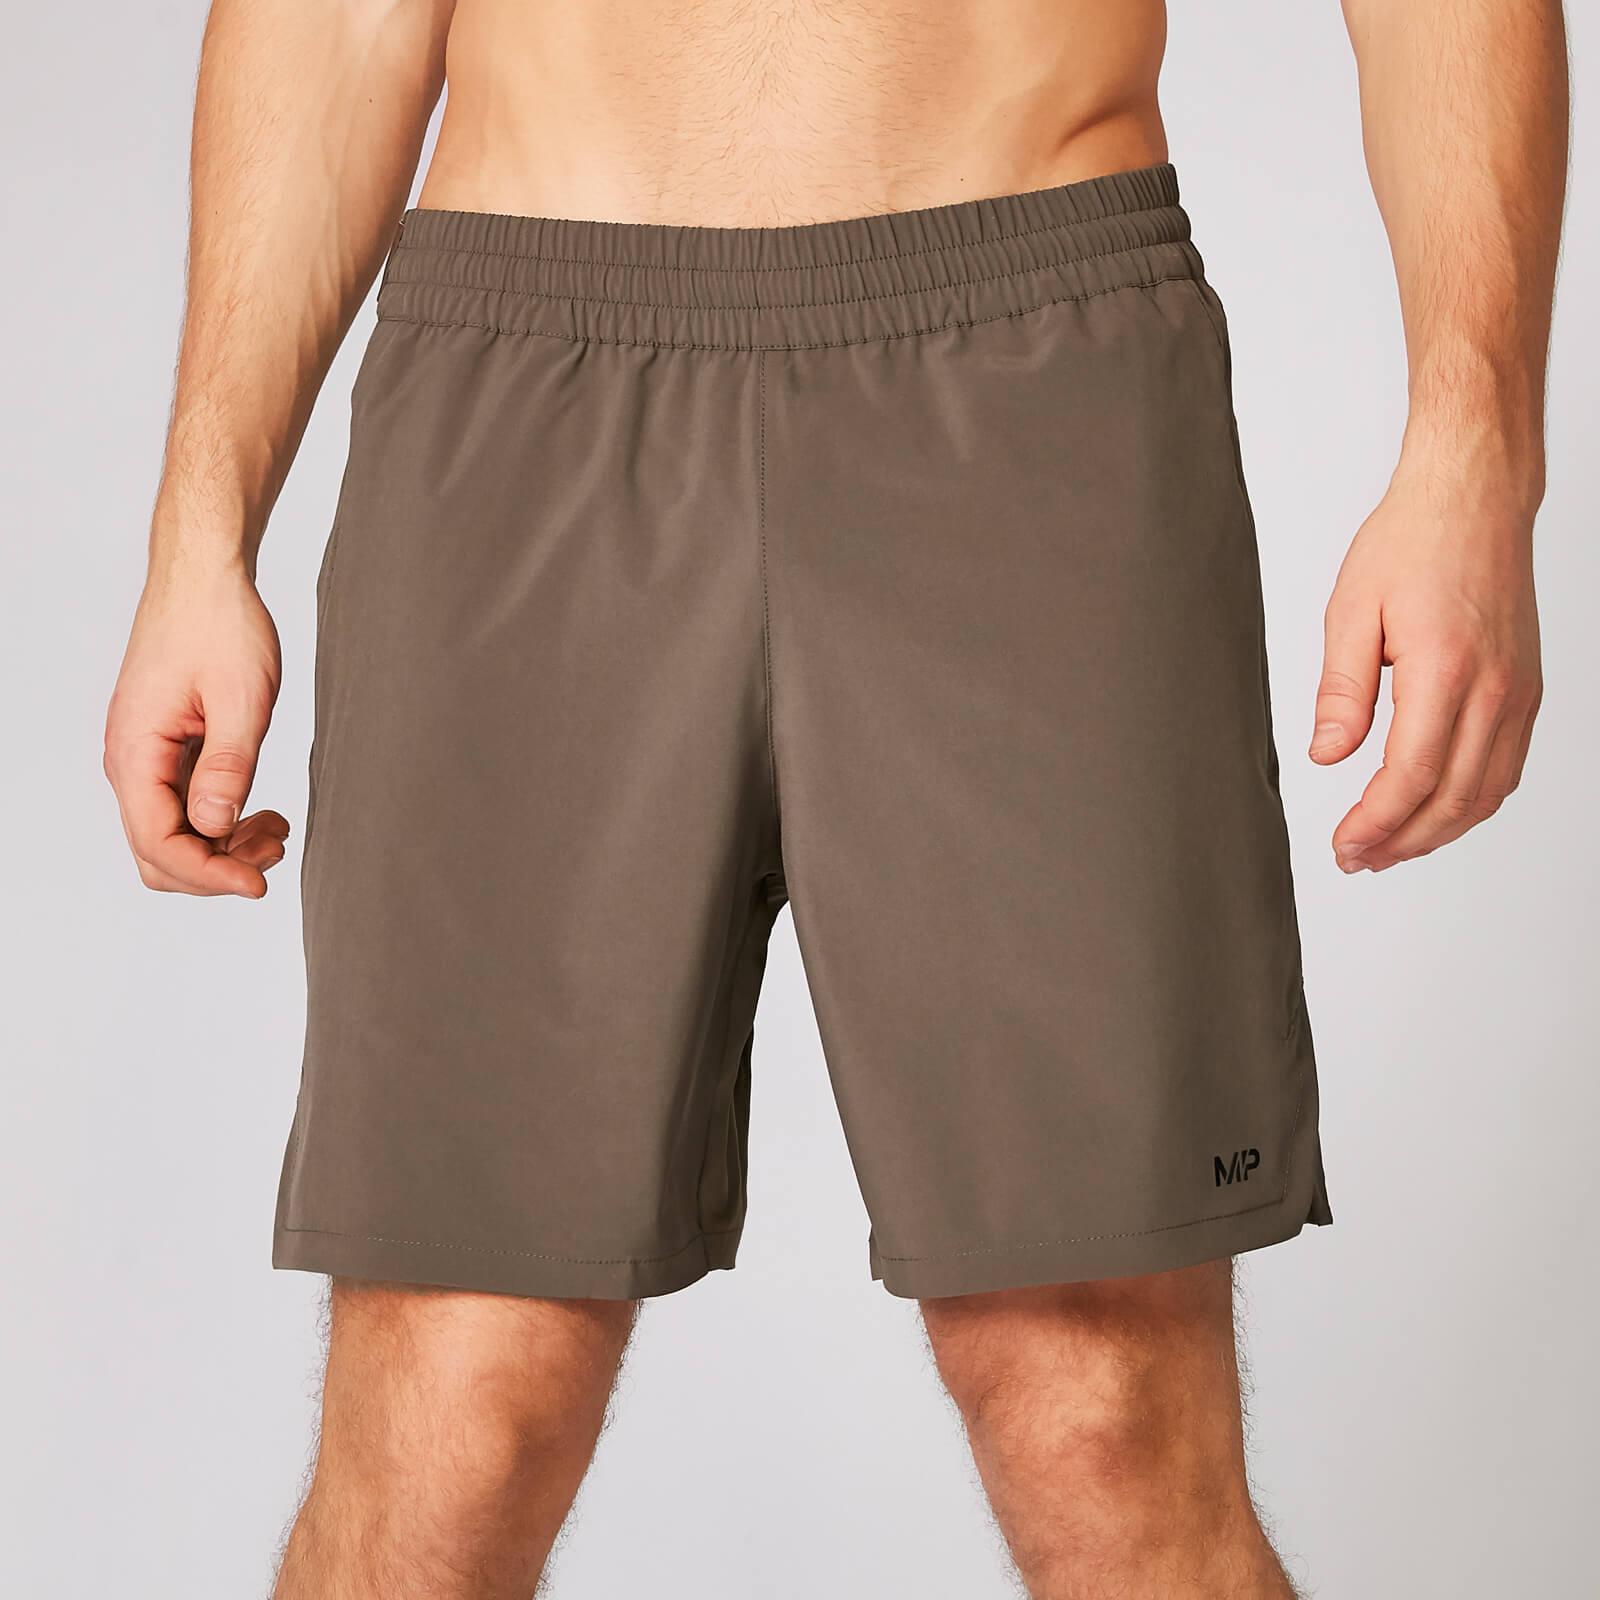 Myprotein Sprint 7 Inch Shorts - Driftwood - XL